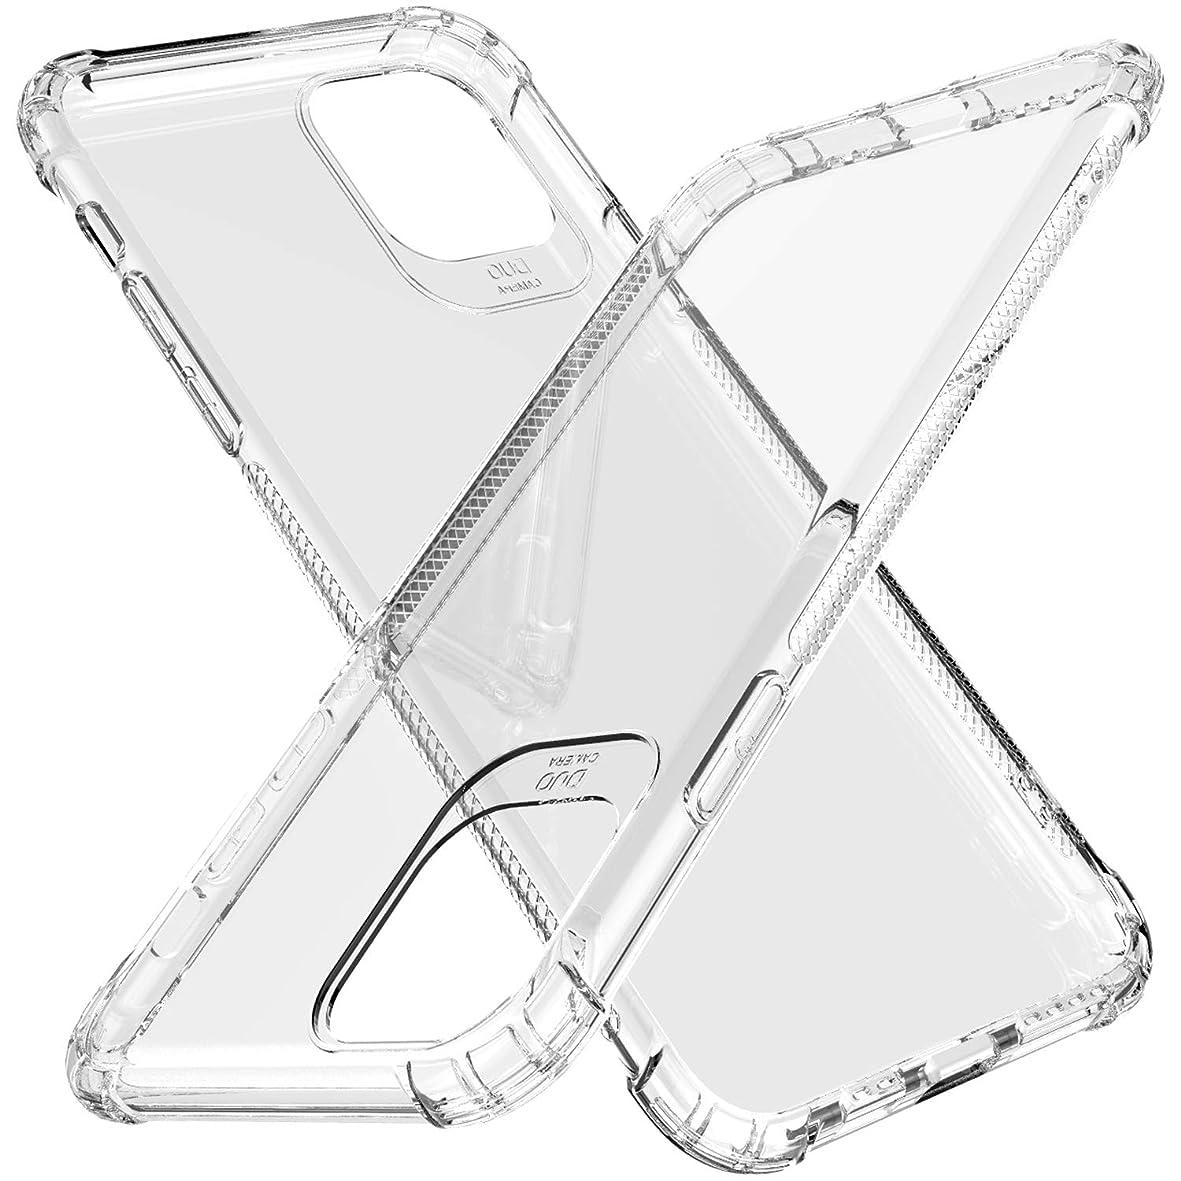 大声で噂なすIVSO iPhone11 ケース 6.1 iPhone 11 ケース iPhone 保護ケース 6.1 iphone 11 ケース 6.1インチ iPhone 6.1インチケース iPhone 2019 カバー ソフト TPU素材製 クリアケース シンプル 背面保護カバー 超軽量 超薄型 iPhone Newモデル Apple 透明ケース